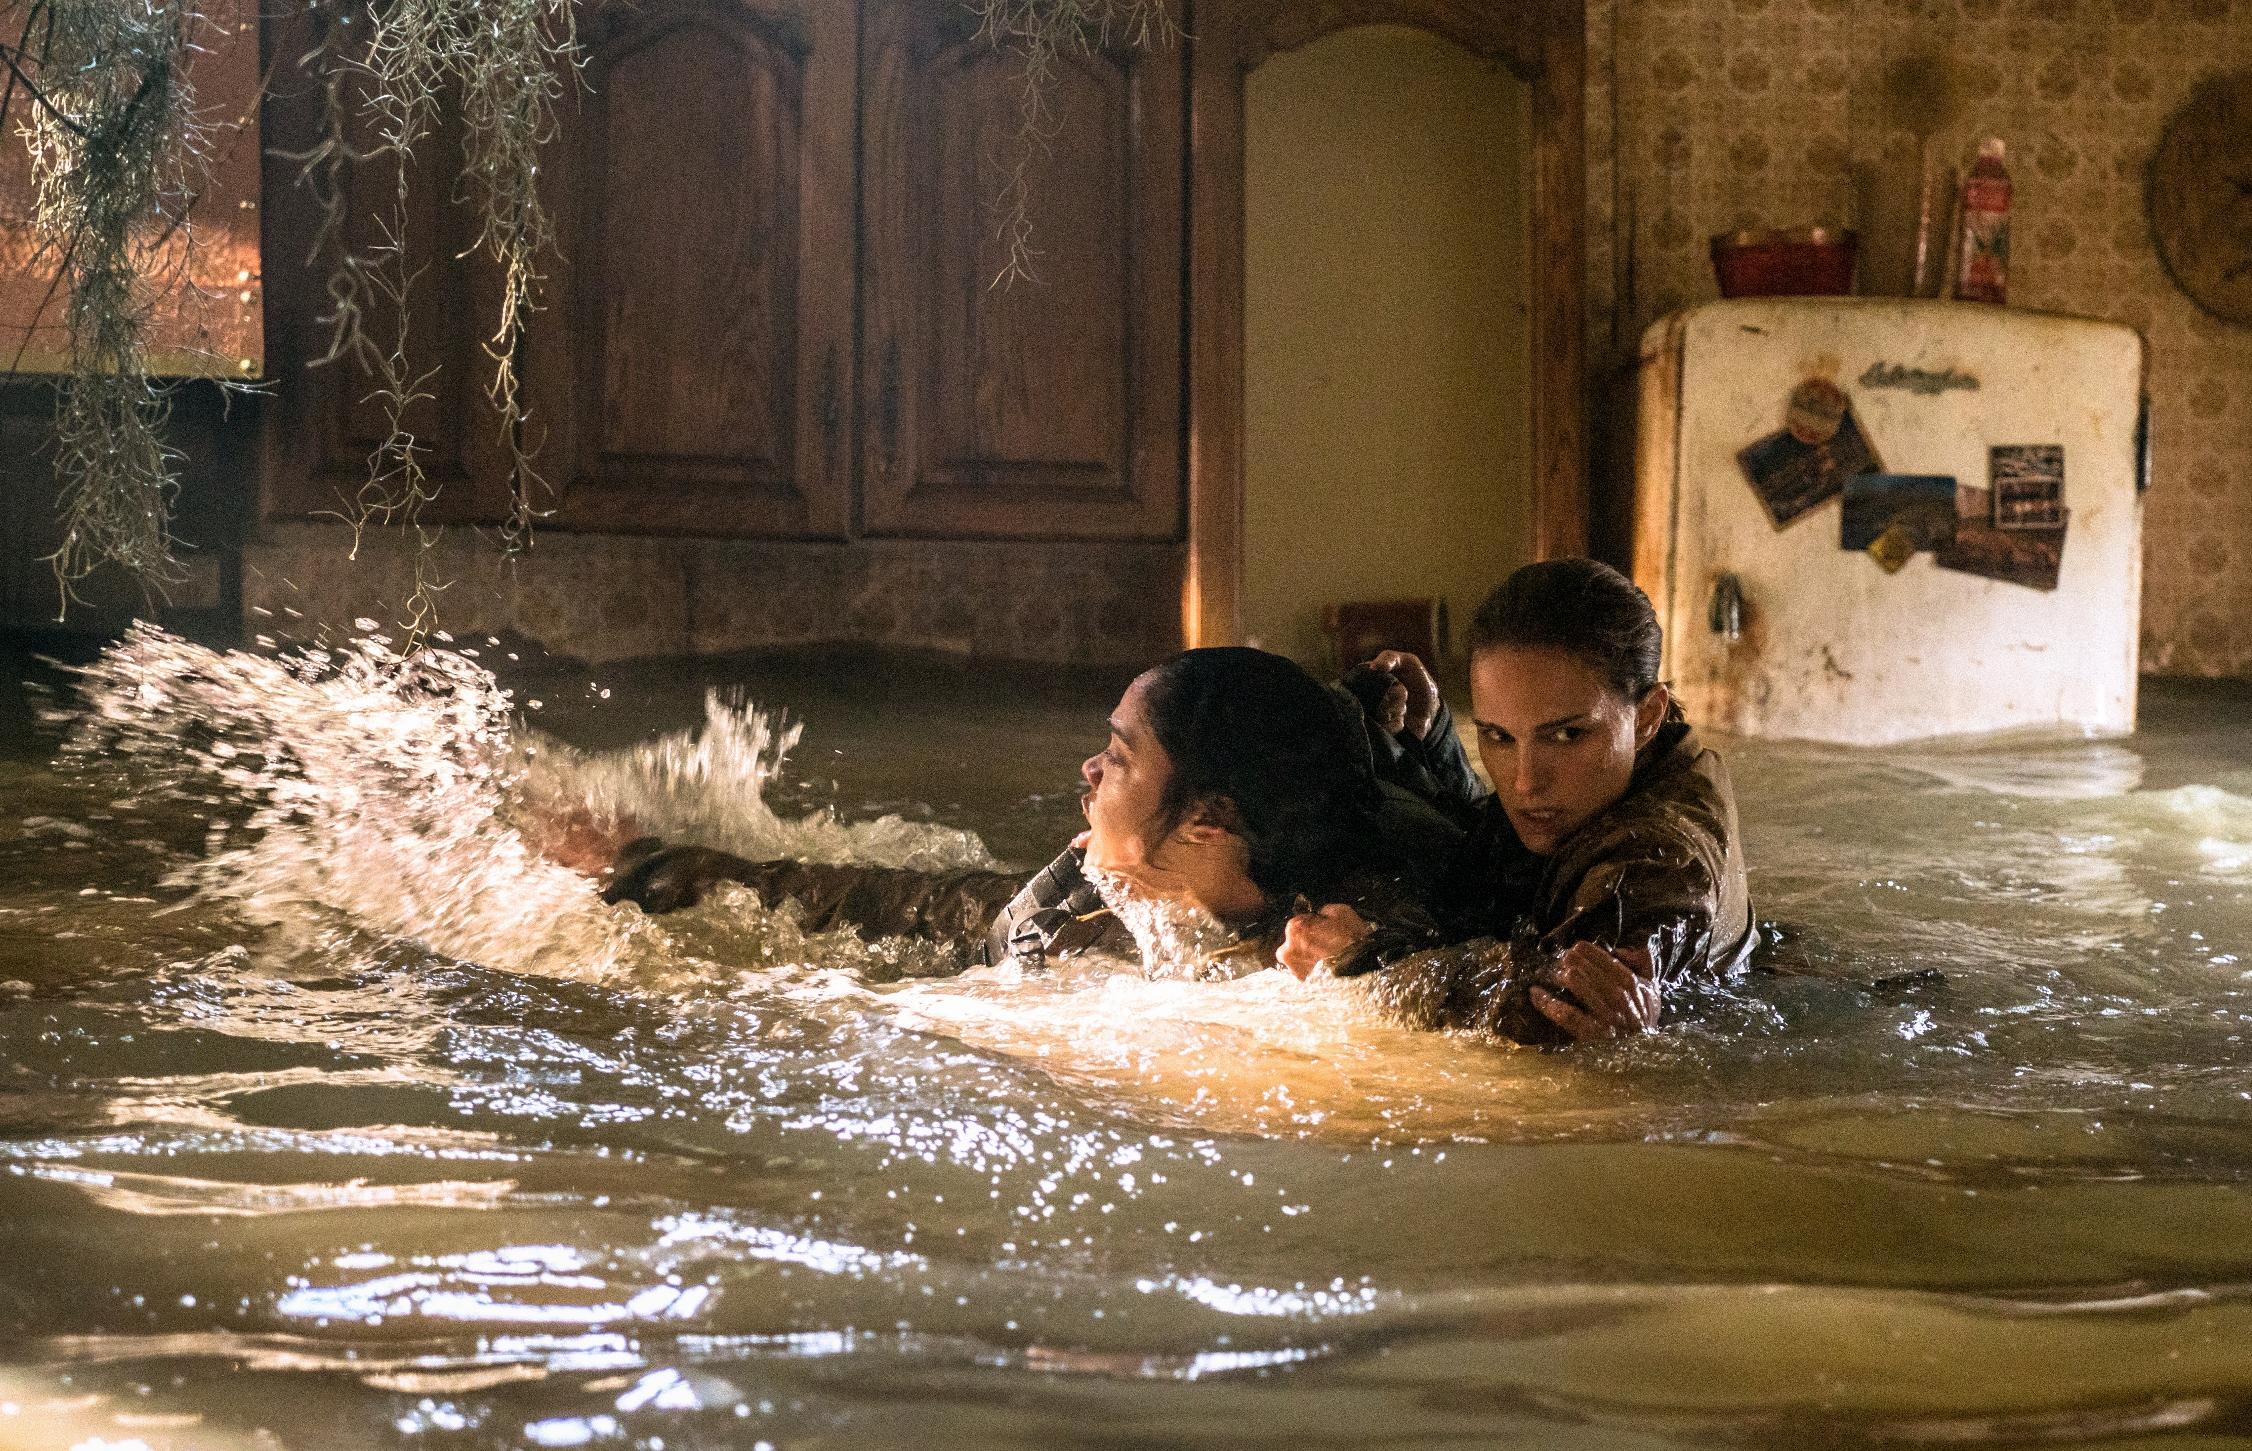 Annientamento: Tessa Thompson e Natalie Portman in una scena del film